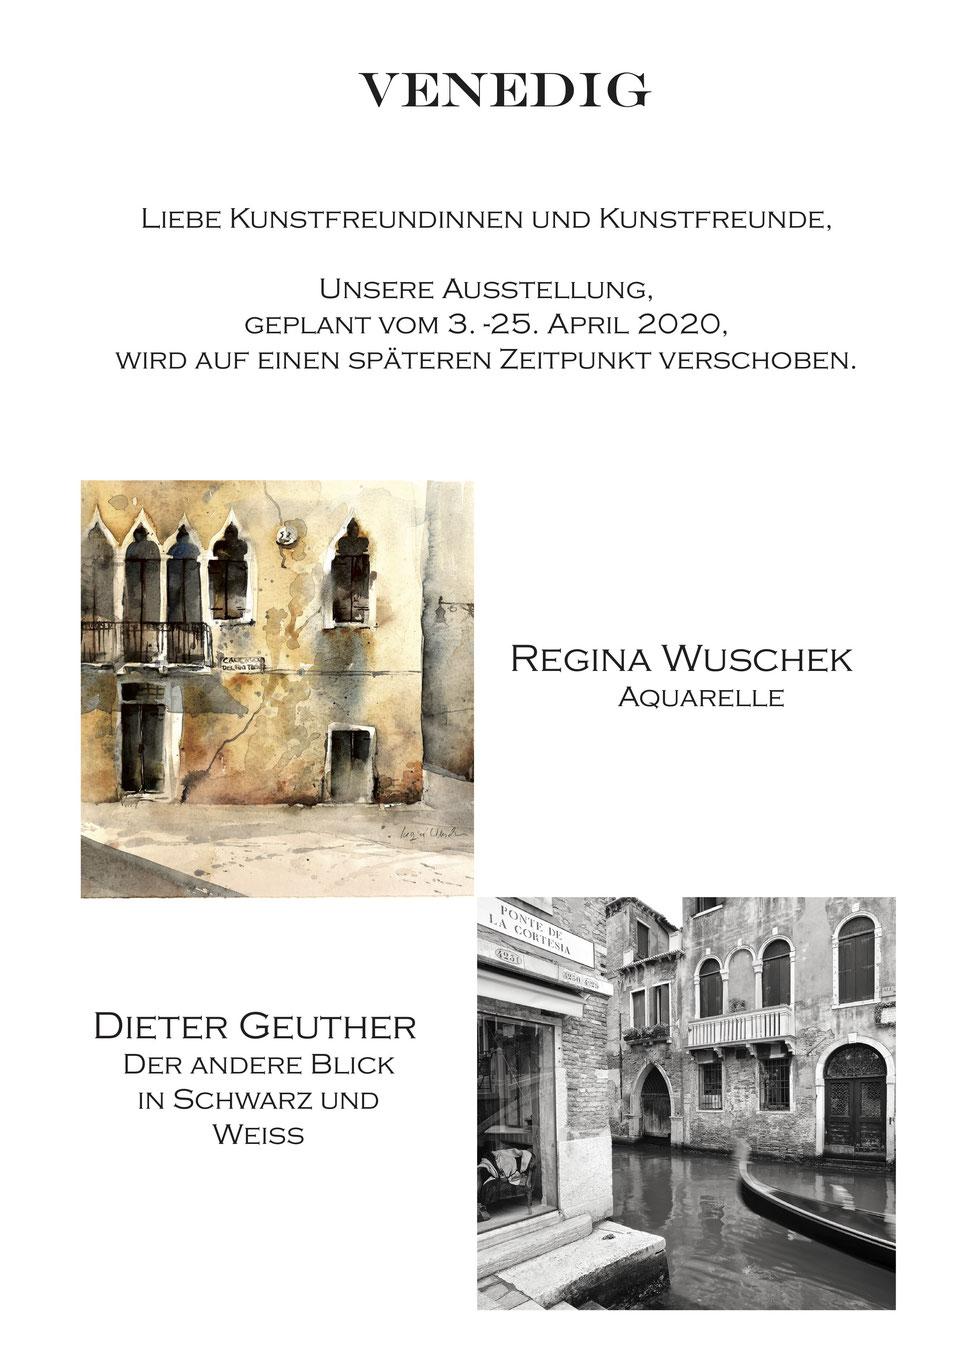 VENEDIG Ausstellung in Murnau